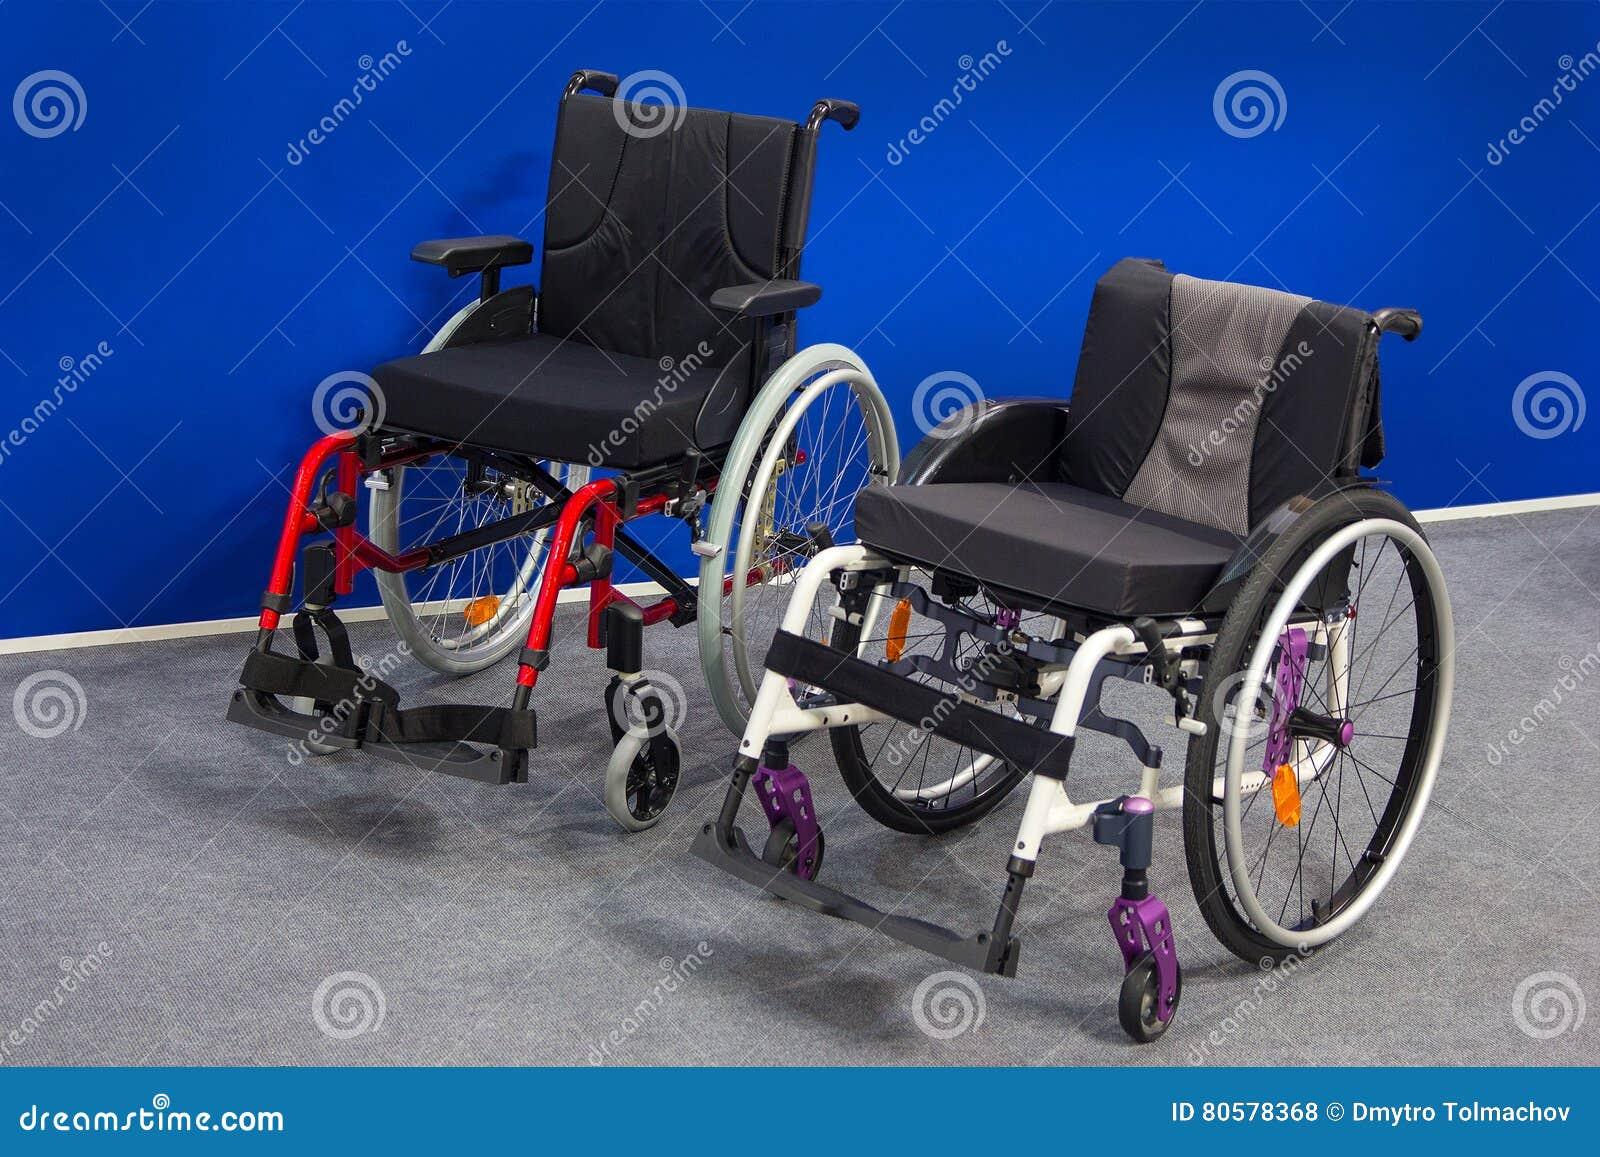 Nieuwe rolstoelen in de tentoonstellingszaal